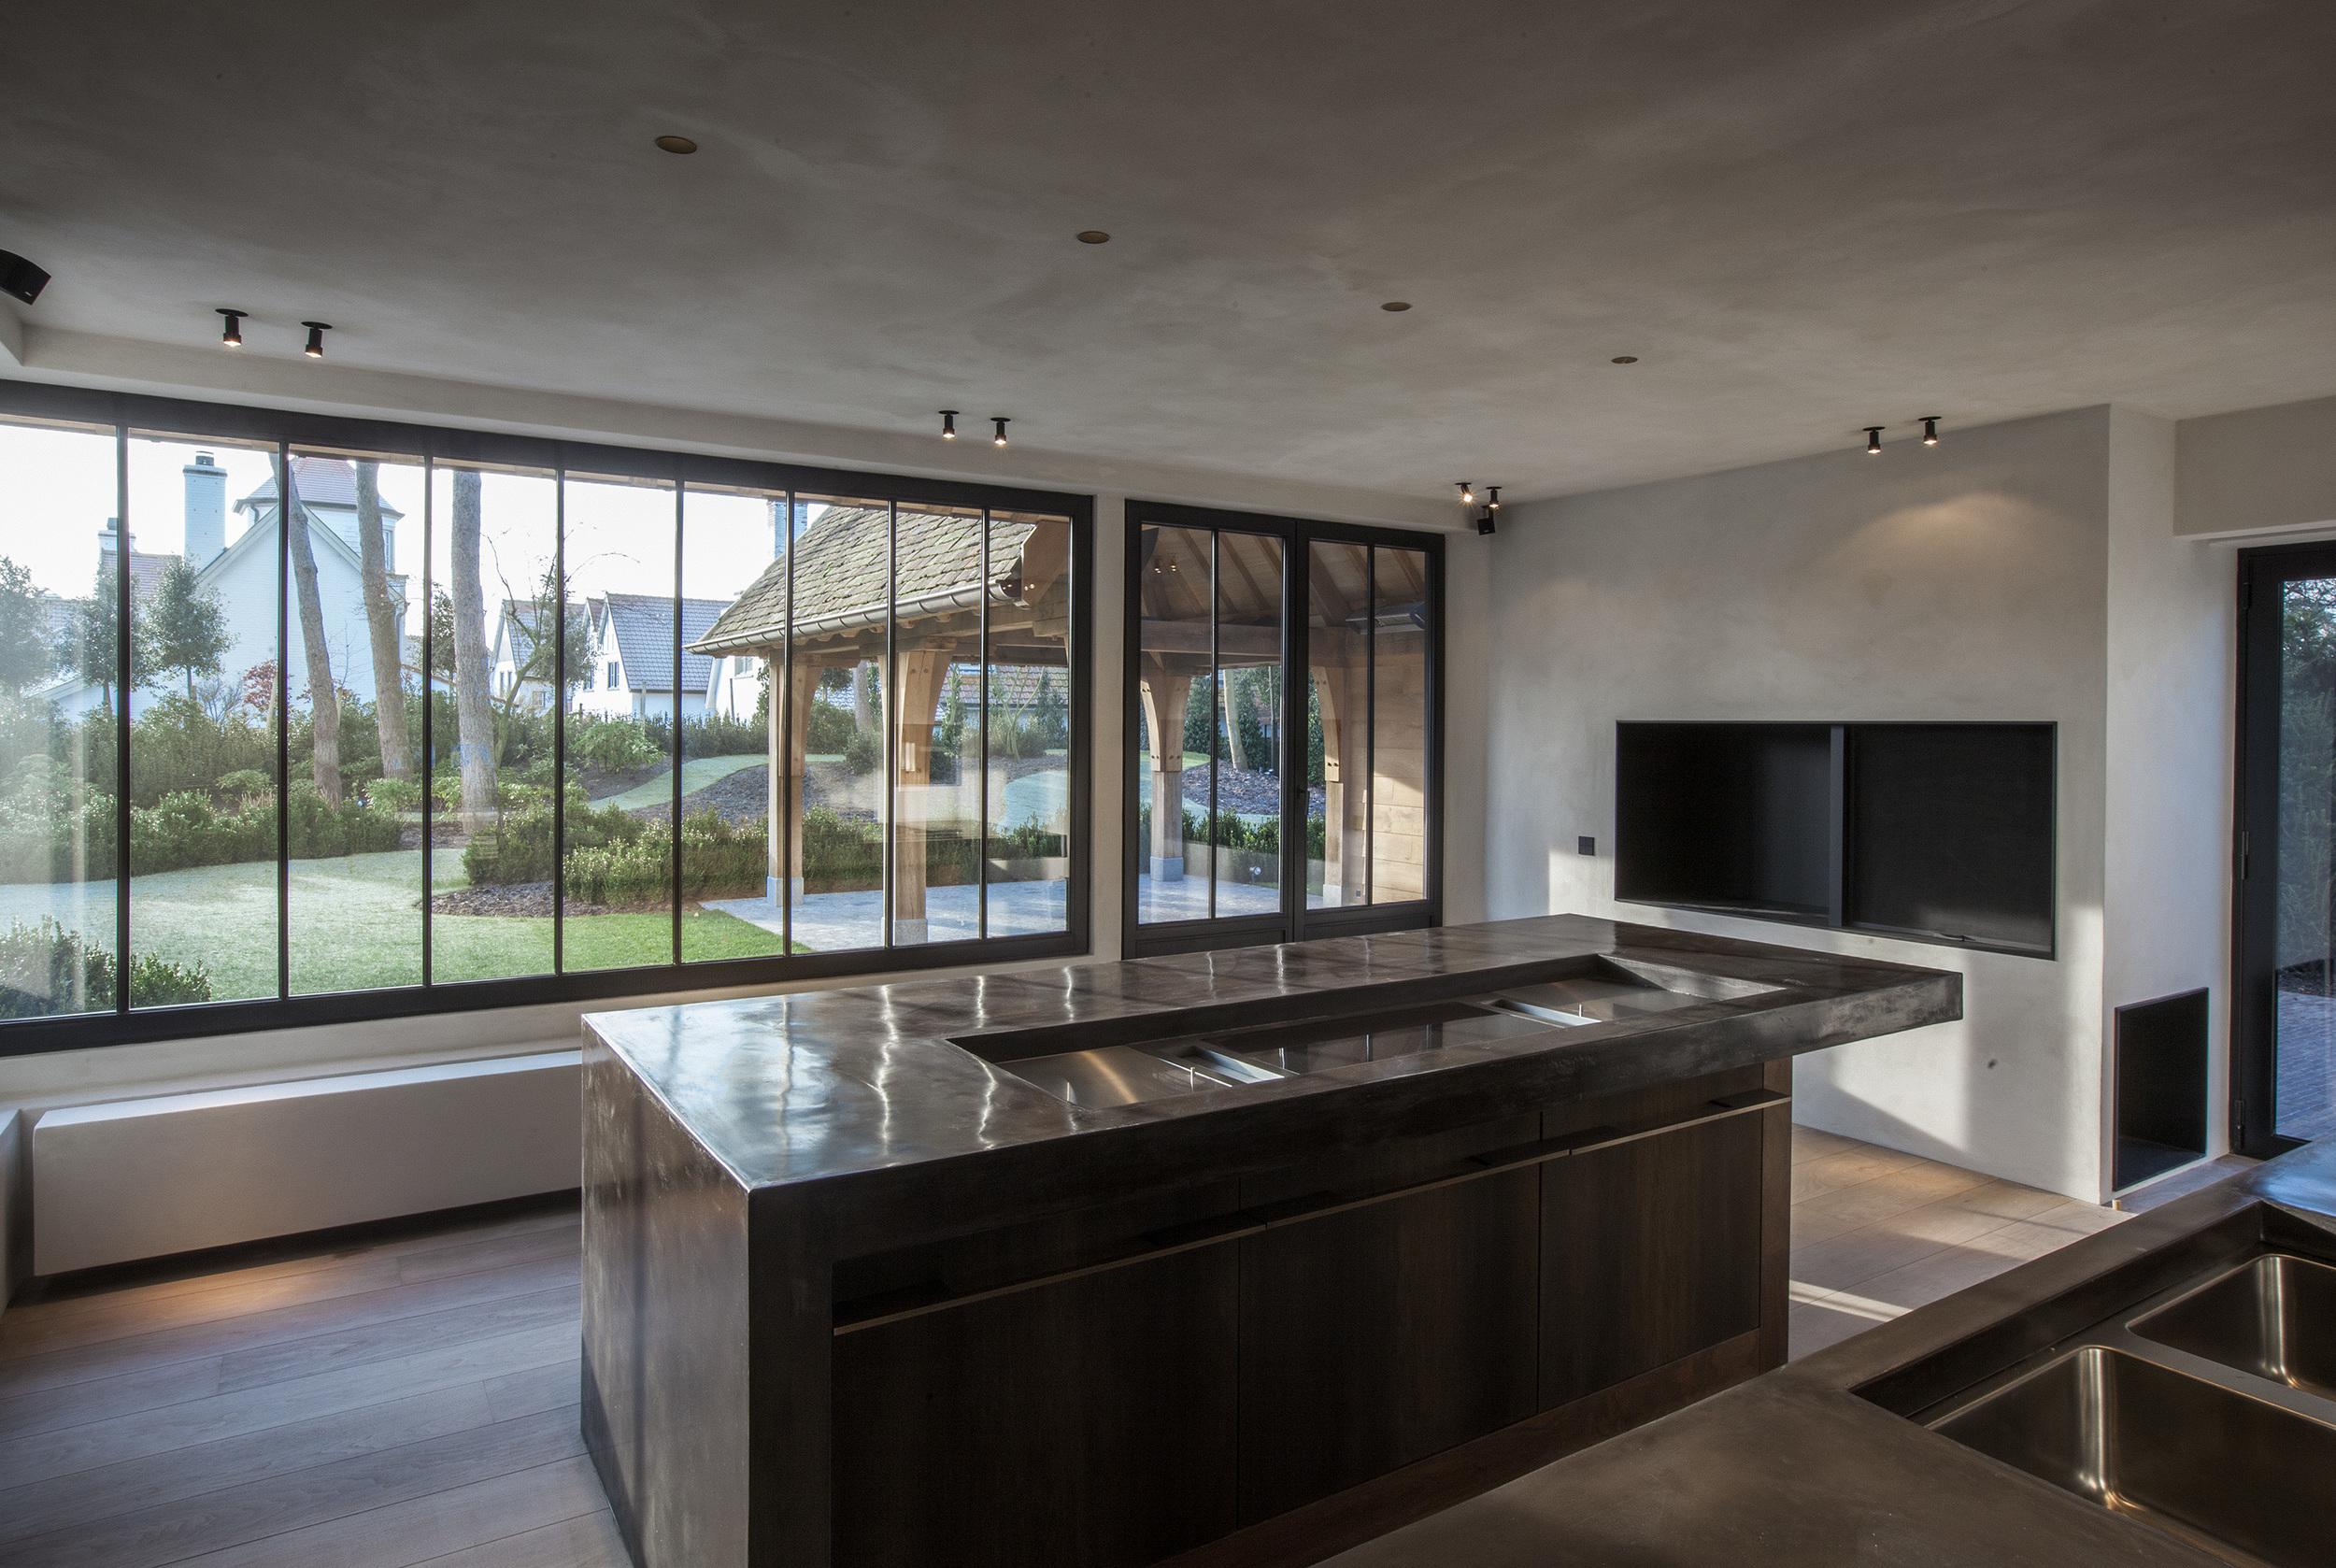 keukenaanrecht:Stuc&Stone kalkglanspleister